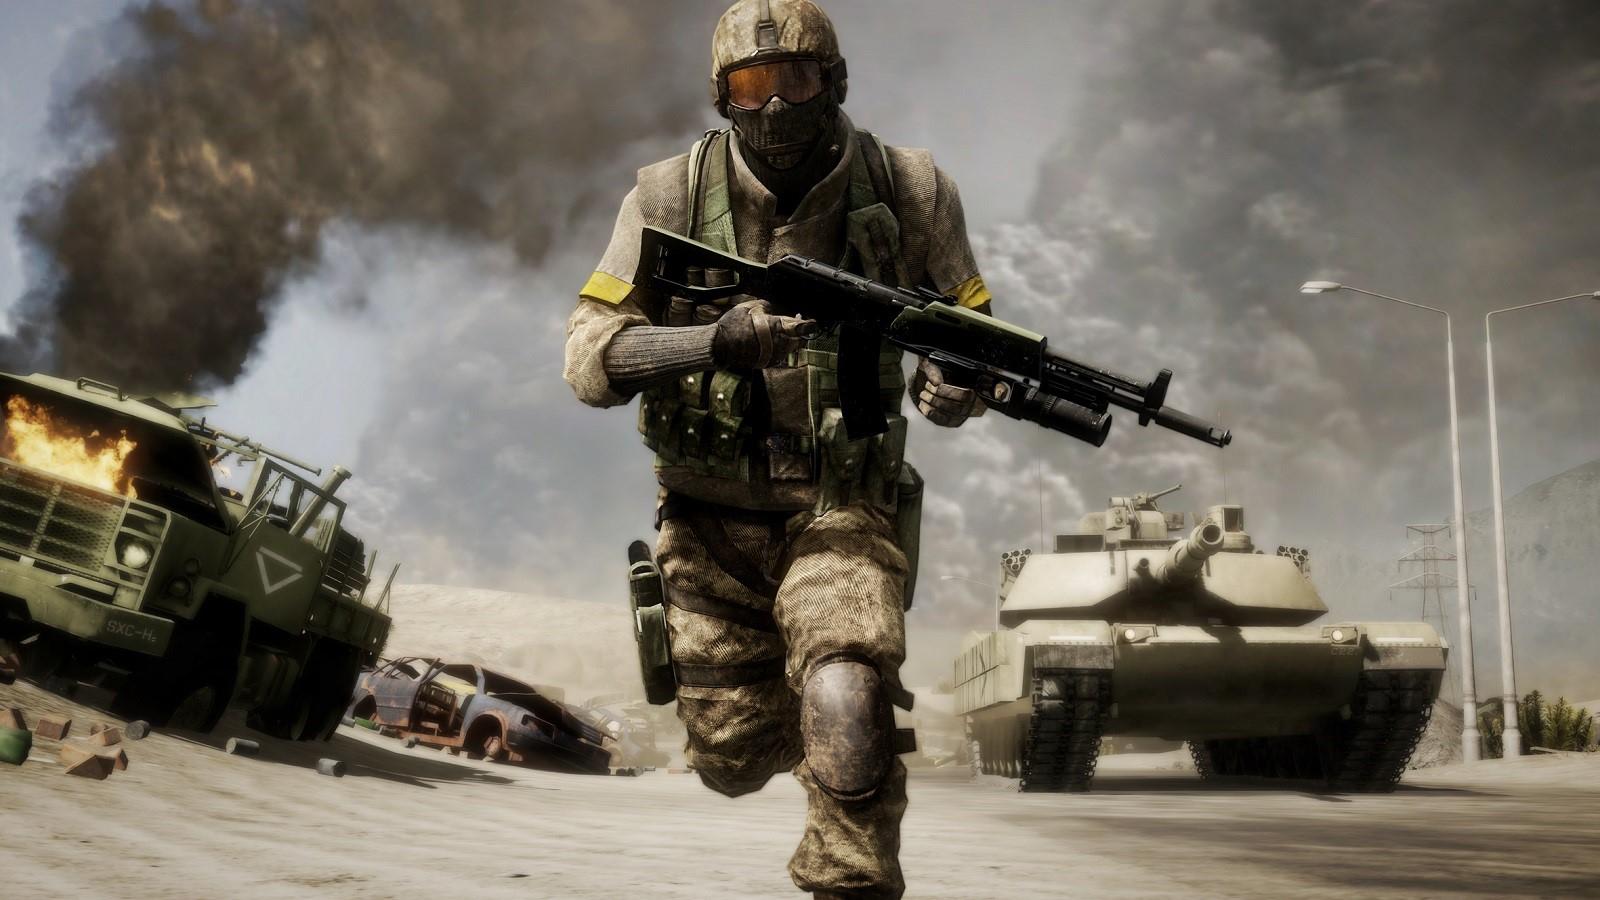 Слухи: EA свернула разработку ремастеров обеих Battlefield: Bad Company и не спешит делать третью часть